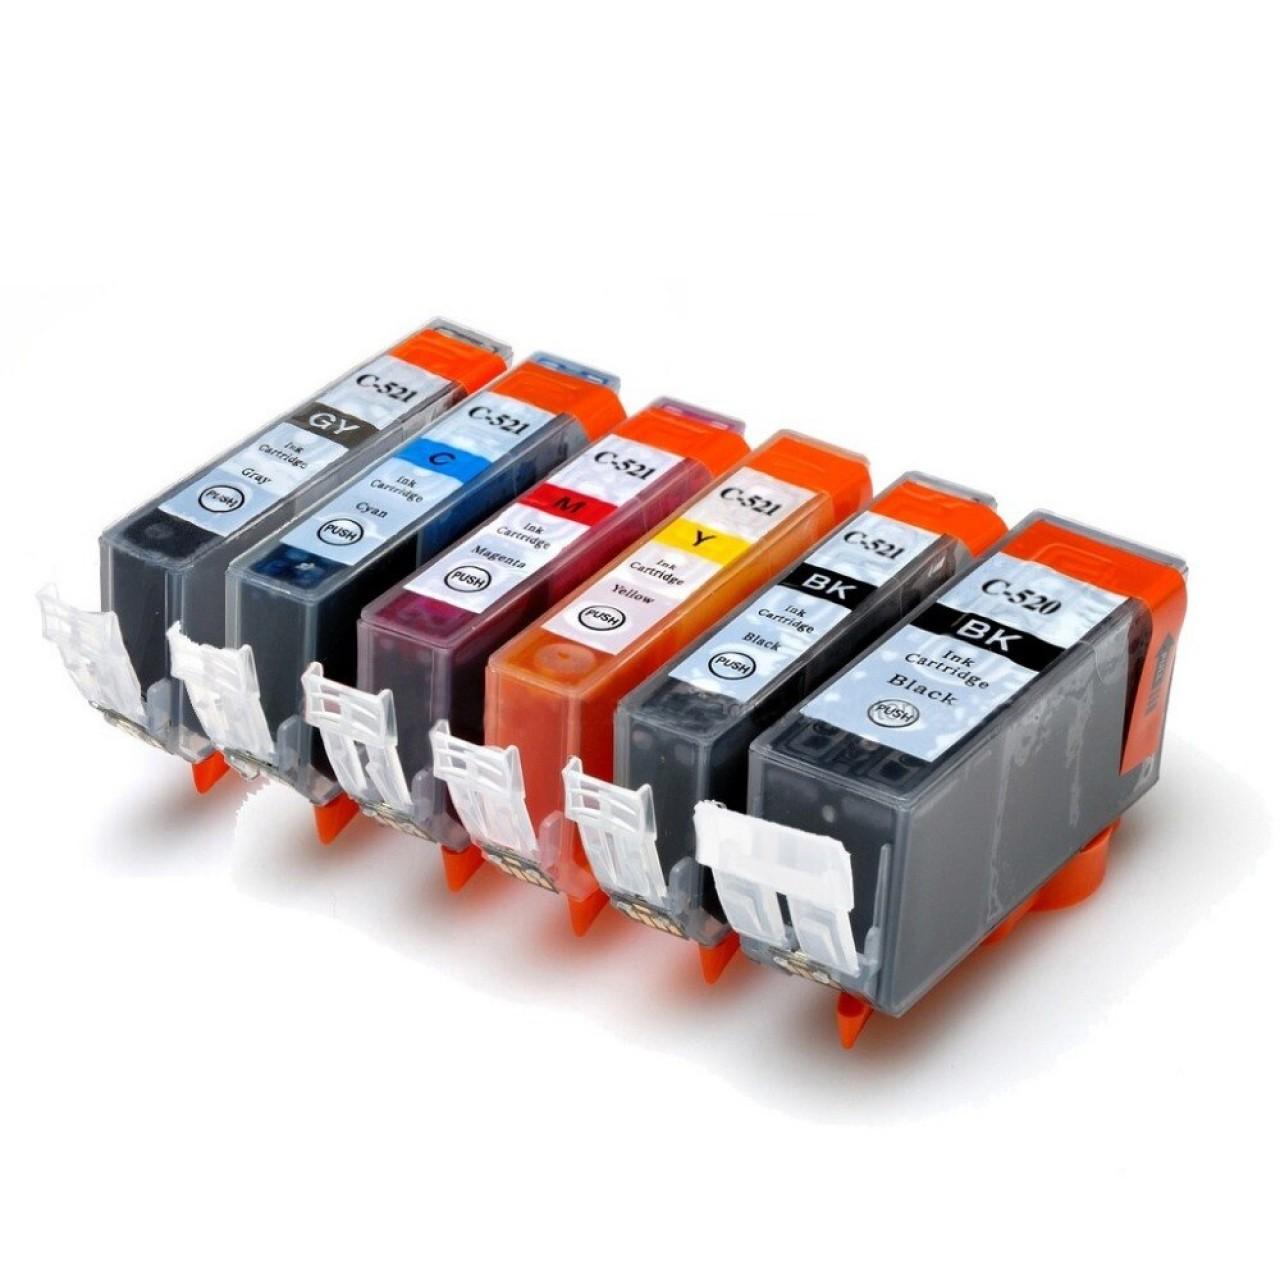 Μελάνια Canon Συμβατά - PF PGI520/CLI-521 Εξάδα/Pack για Pixma: iP3600, iP4600, iP4700, iP5200, iP7600  MP540,MP550, MP560, MP620, MP630, MP640, MP800, MP830  MP950, MP960, MP980, MP990, MX700, MX850, MX860, MX870